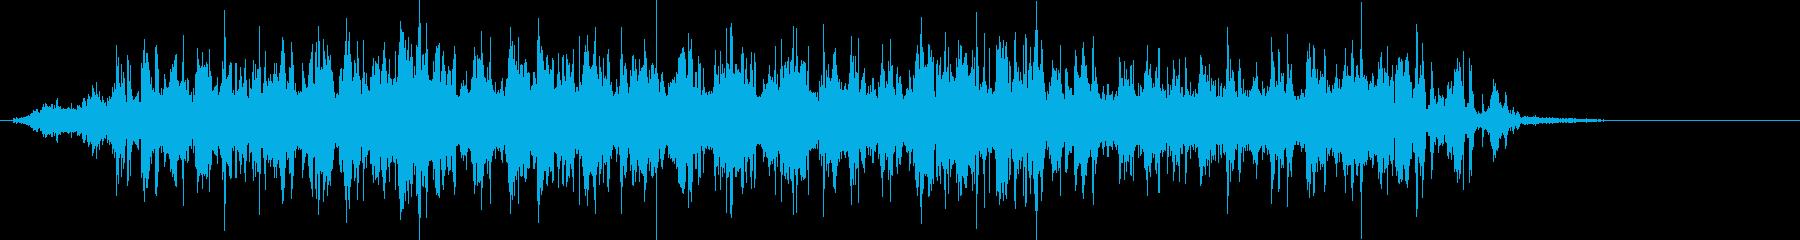 Blenderの電源を入れ、重いス...の再生済みの波形